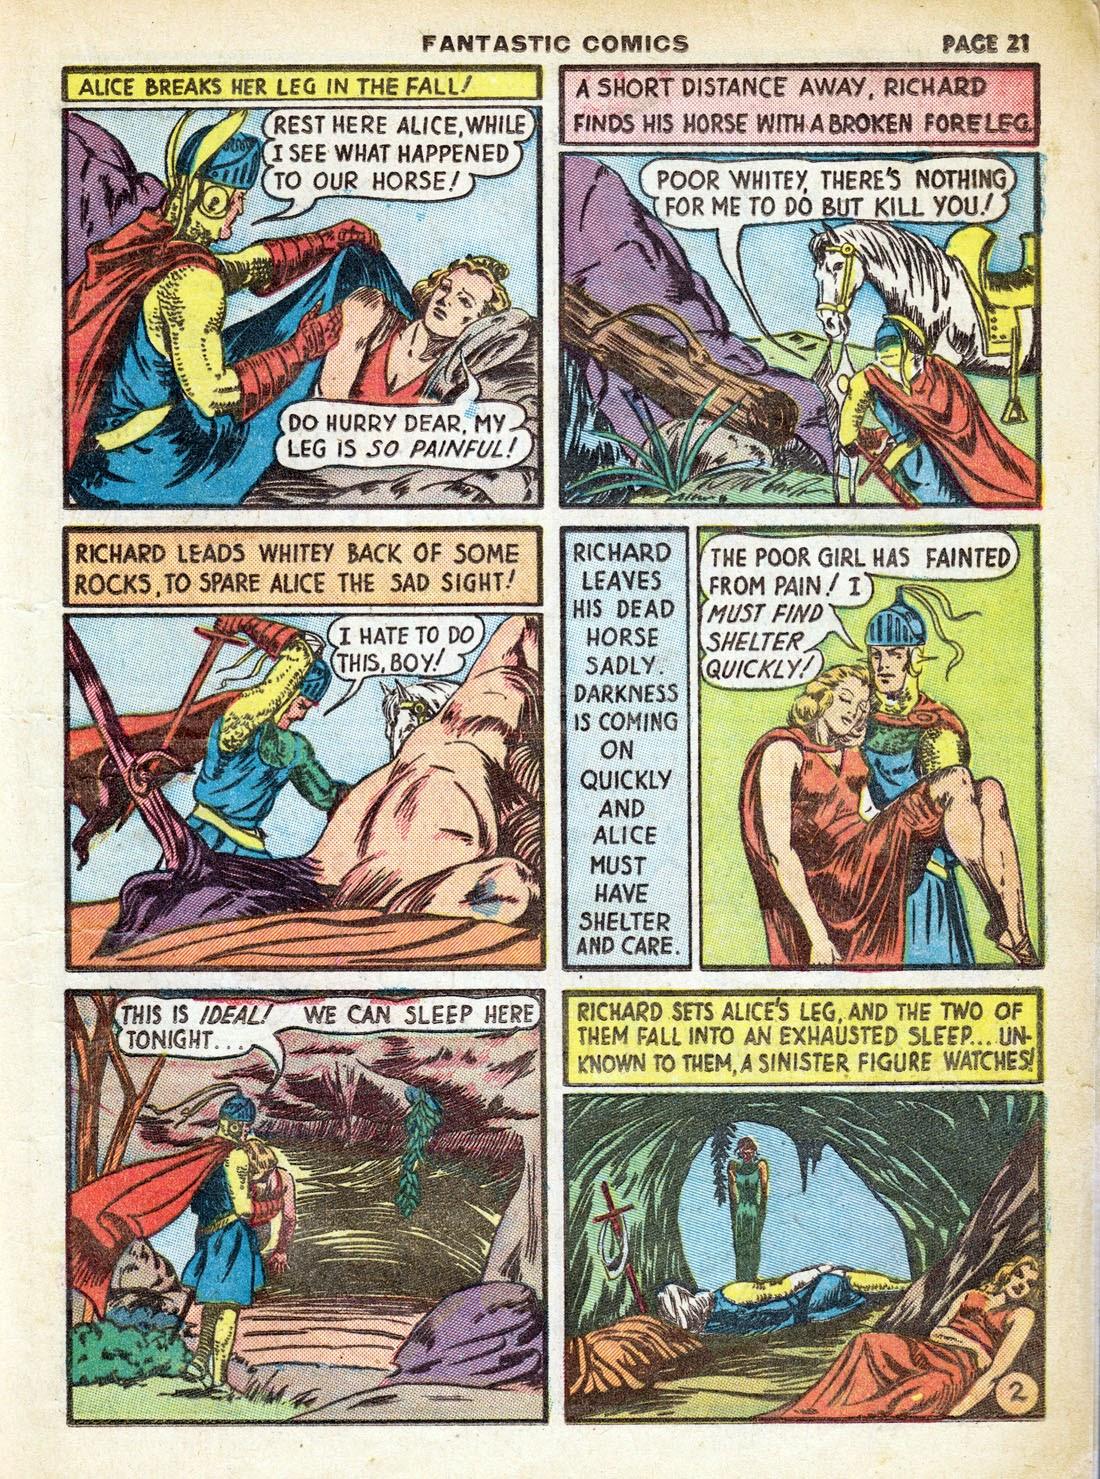 Read online Fantastic Comics comic -  Issue #7 - 23